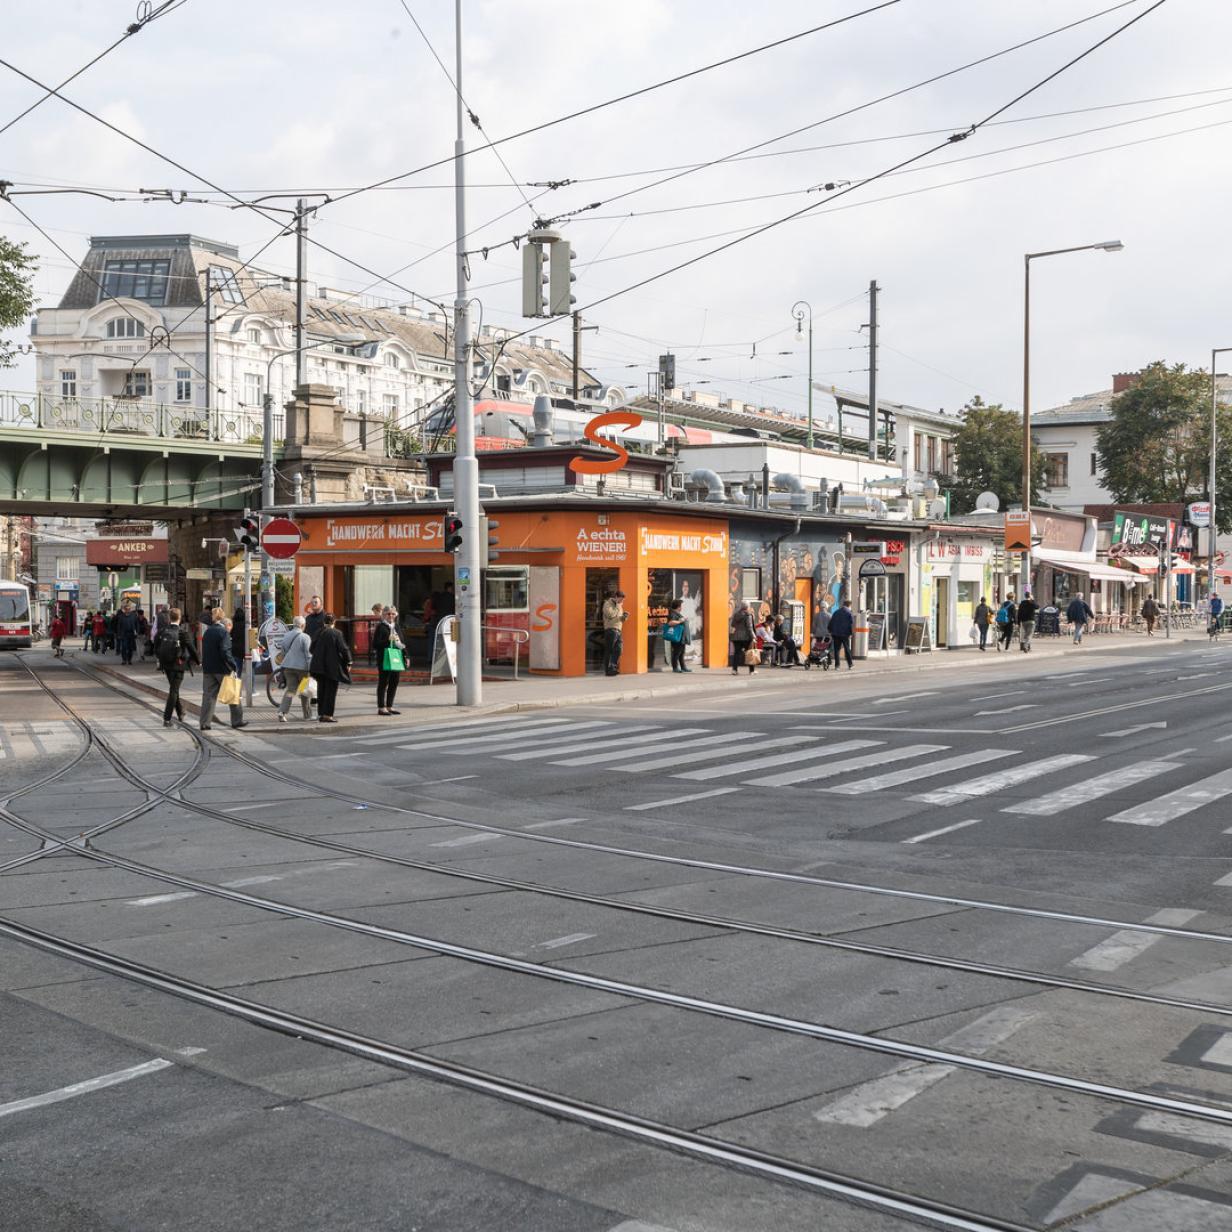 Kein Geld: Umbau des Gersthofer Platzls verzögert sich erneut